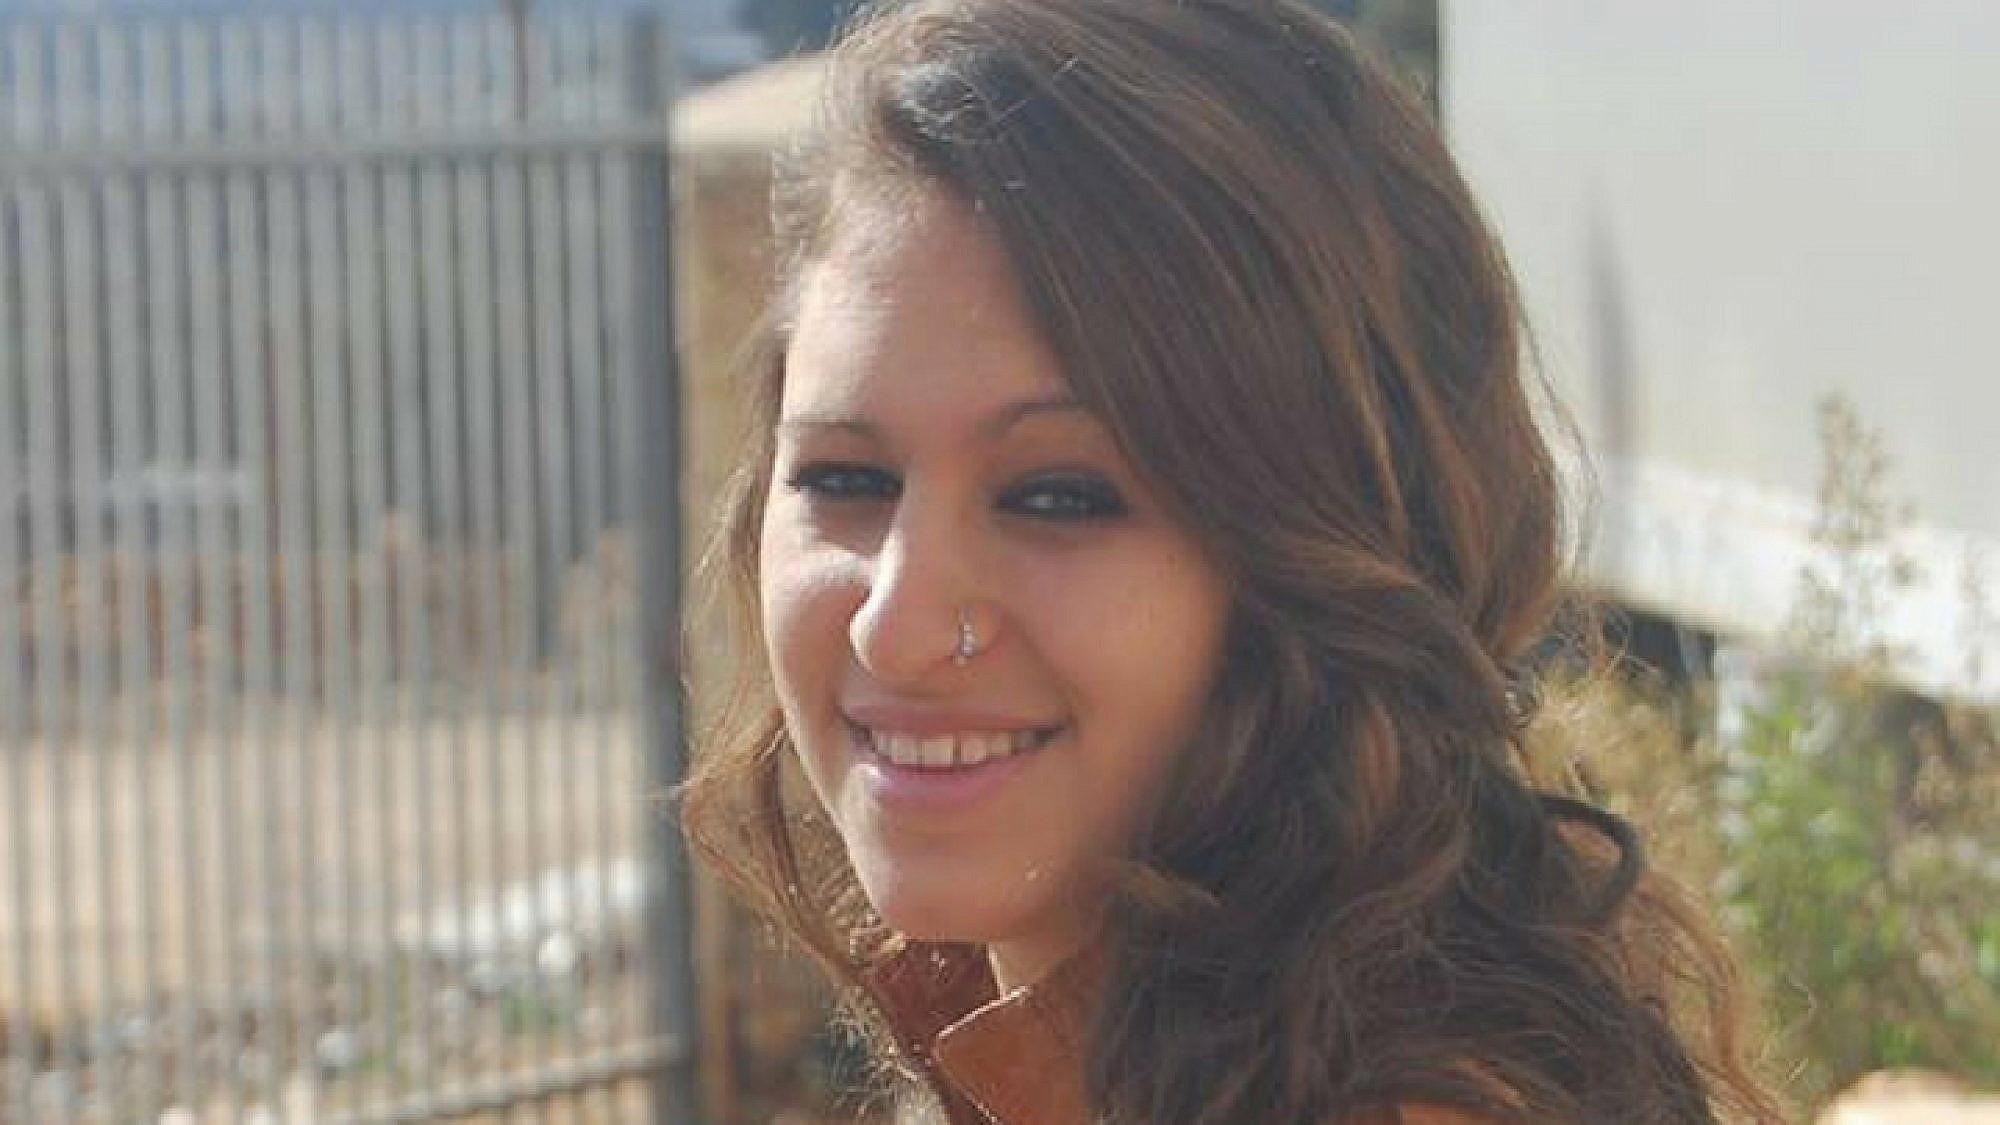 צופיה קלר | צילום מתוך עמוד הפייסבוק שלה